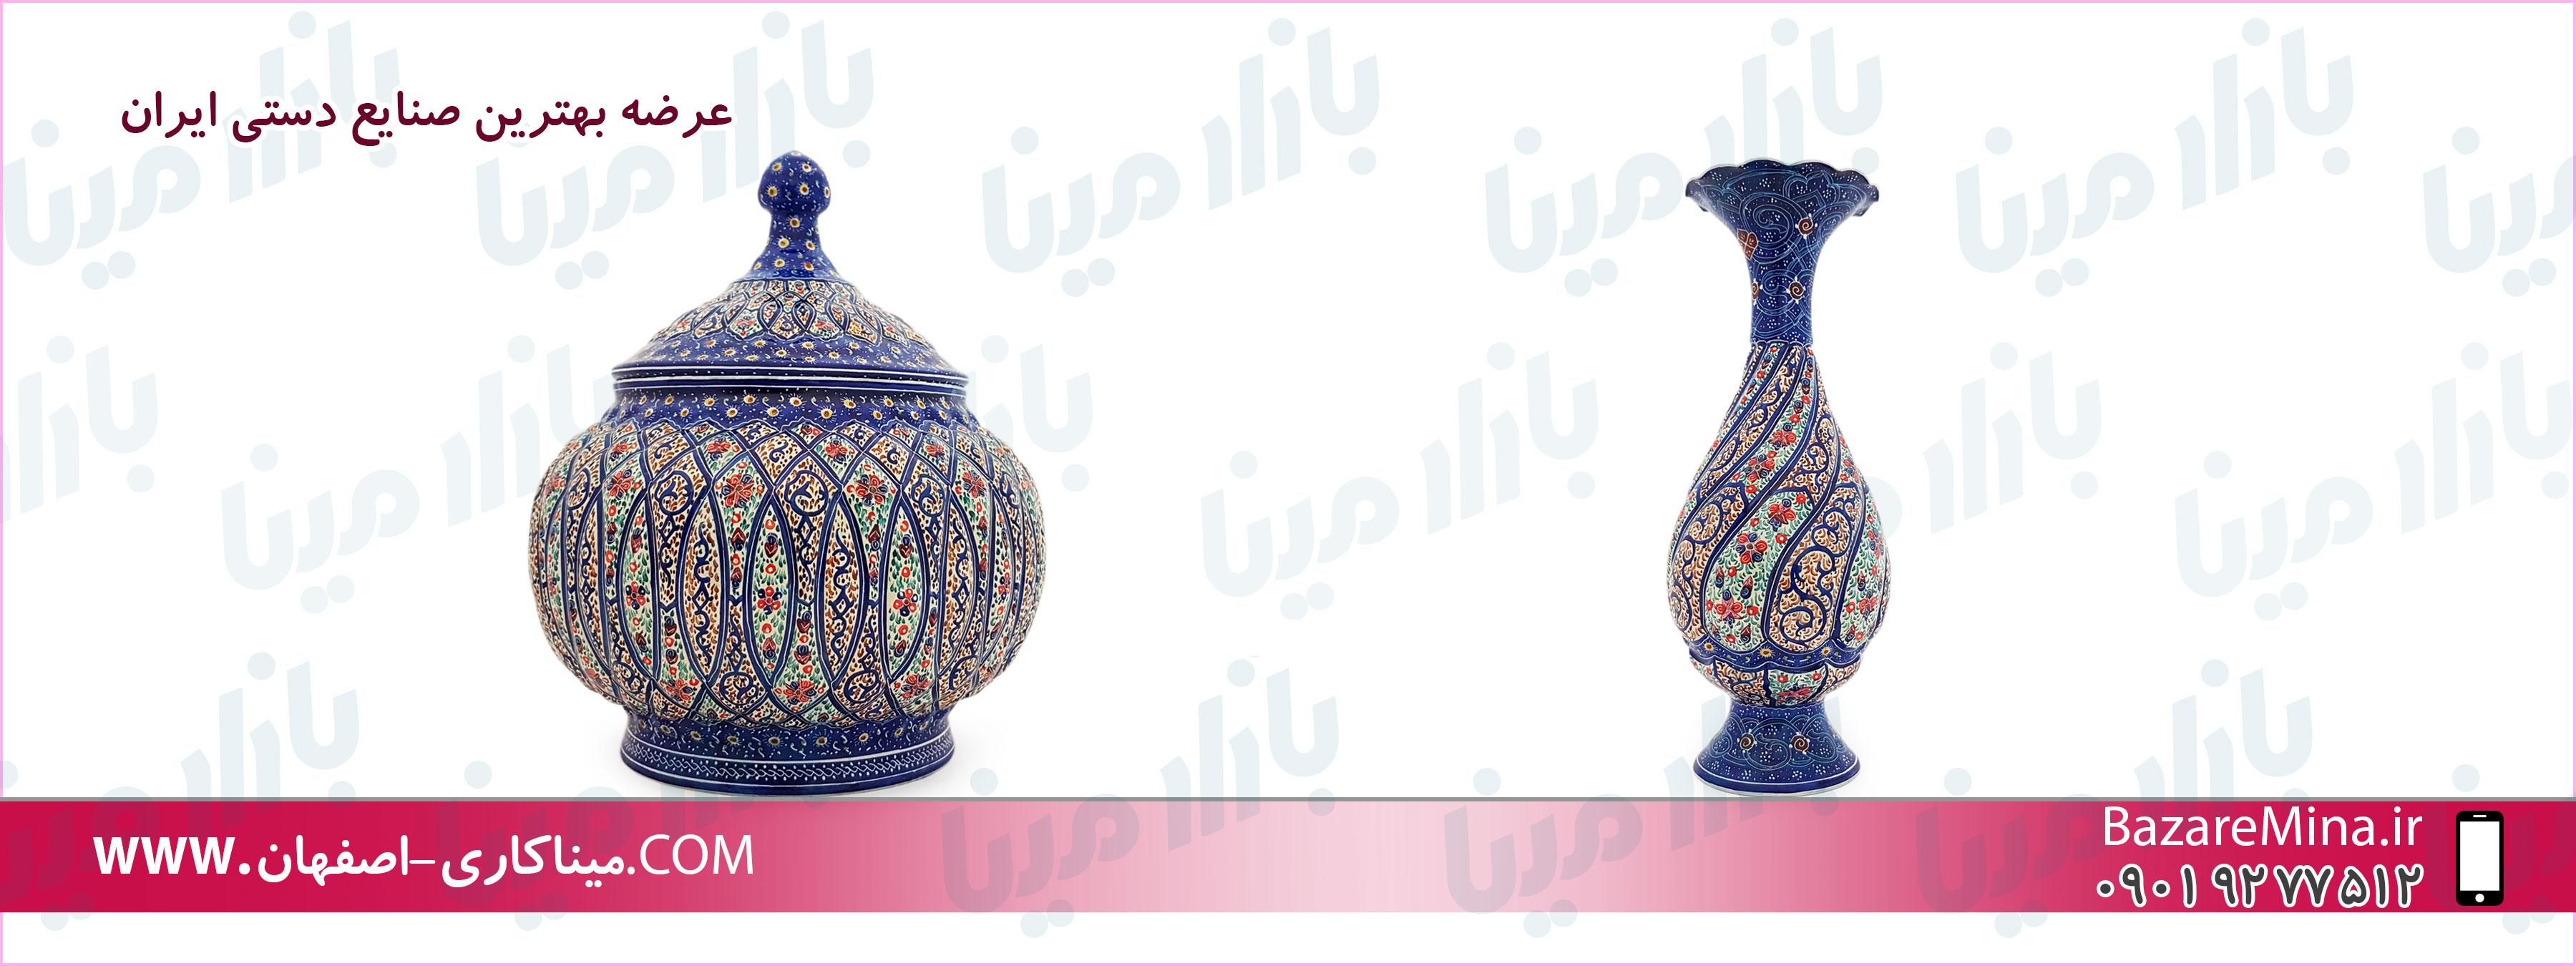 میناکاری اصفهان هنر